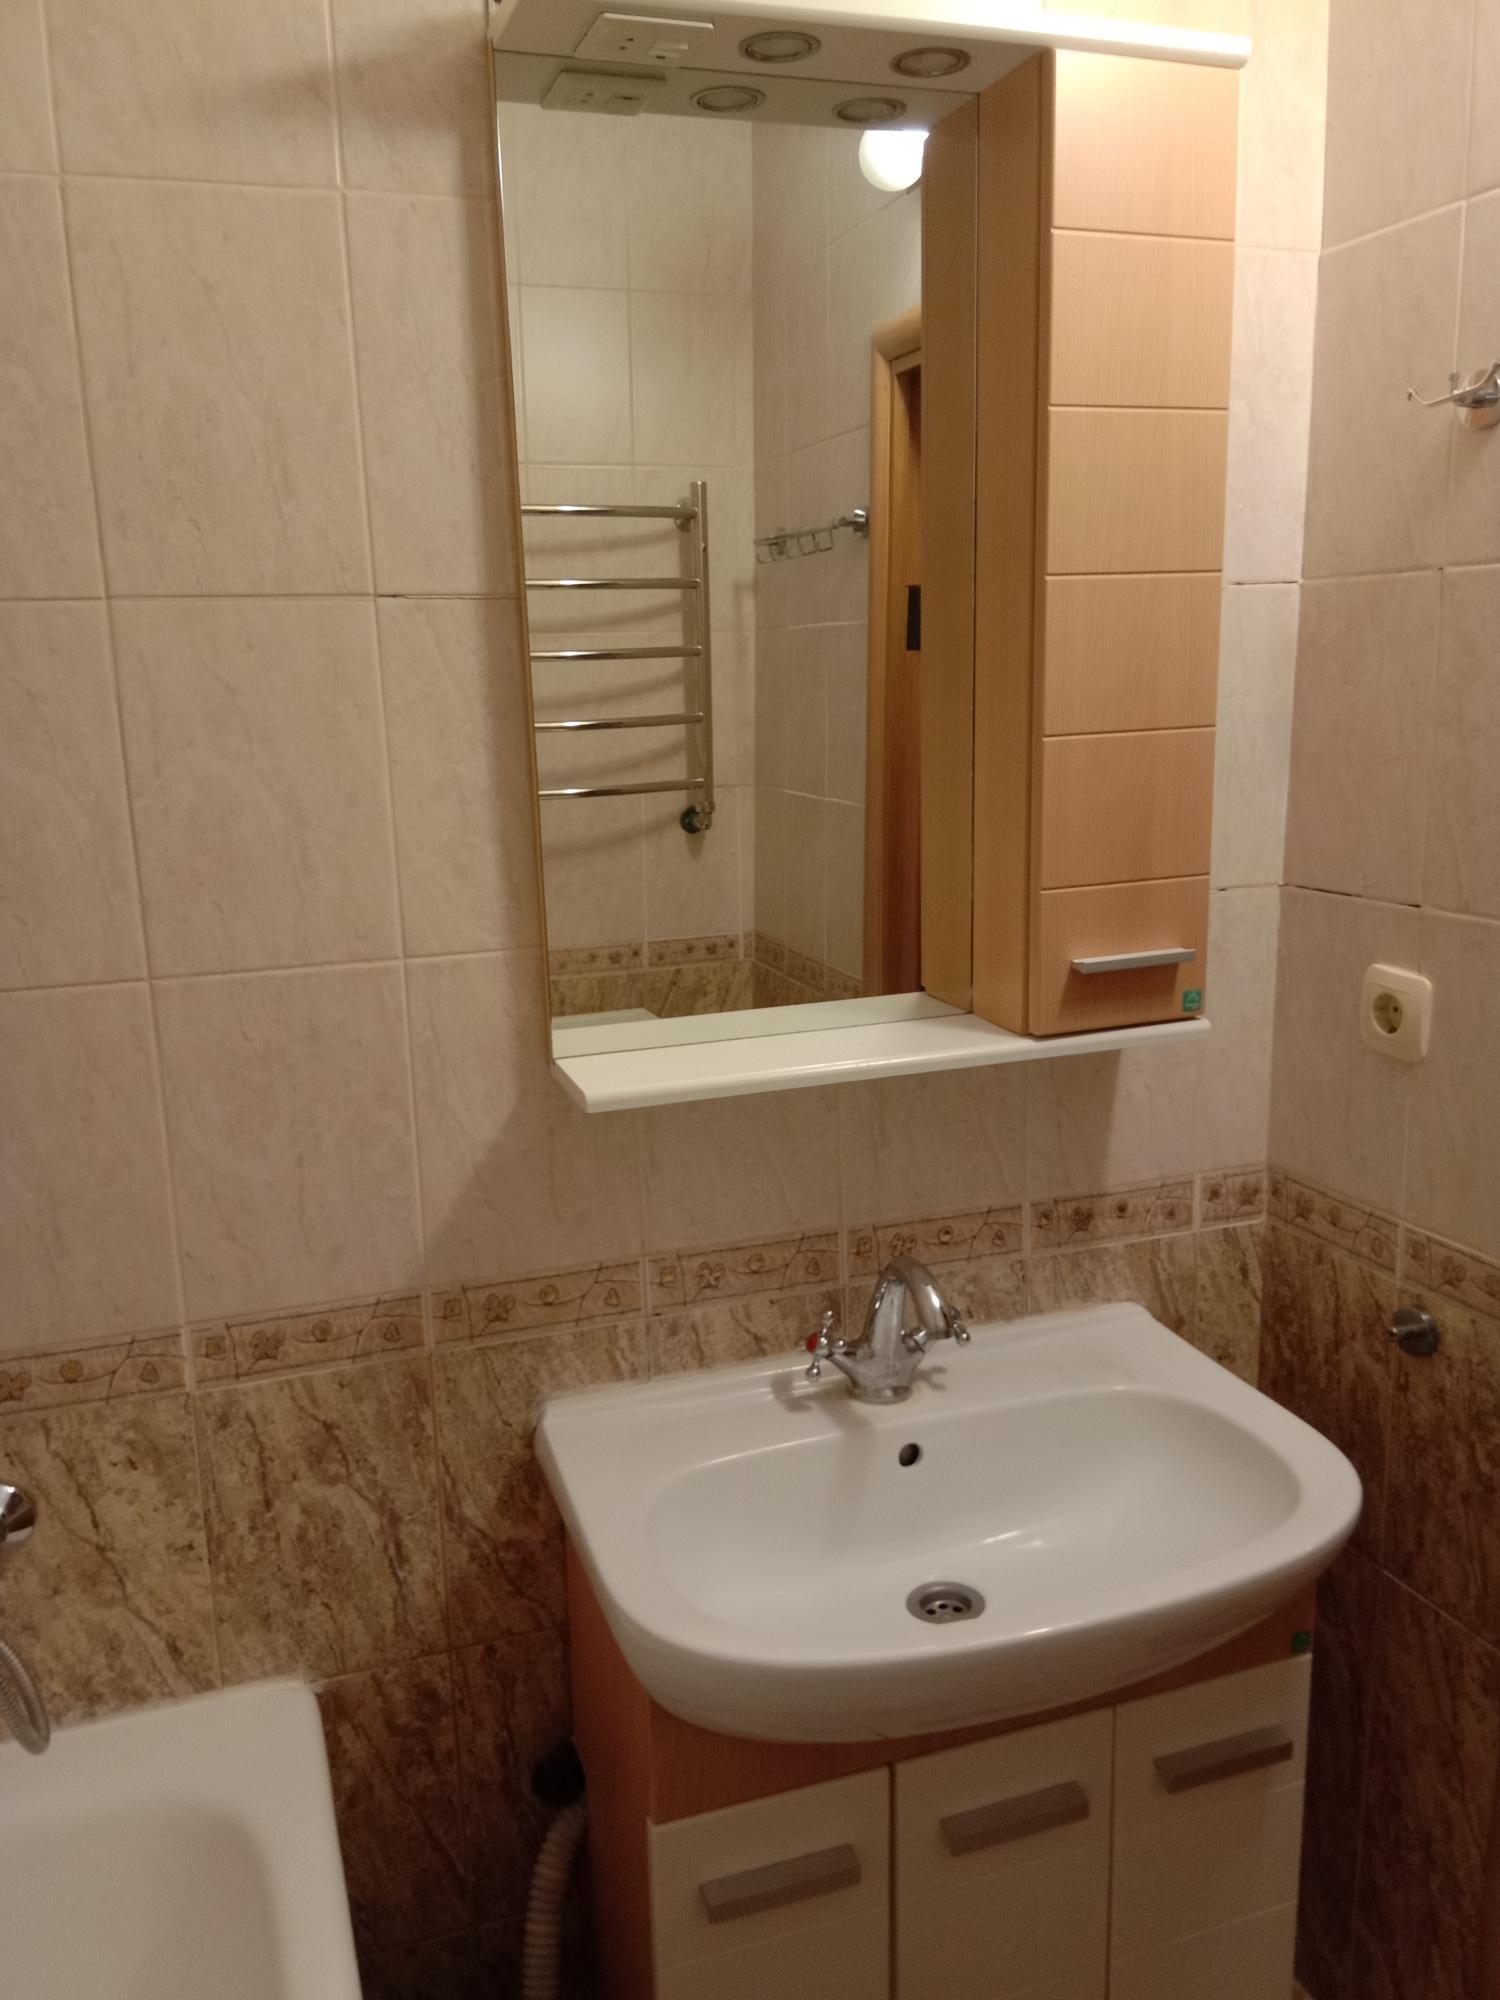 Квартира, 1 комната, 43.2 м² в Балашихе 89258773124 купить 4